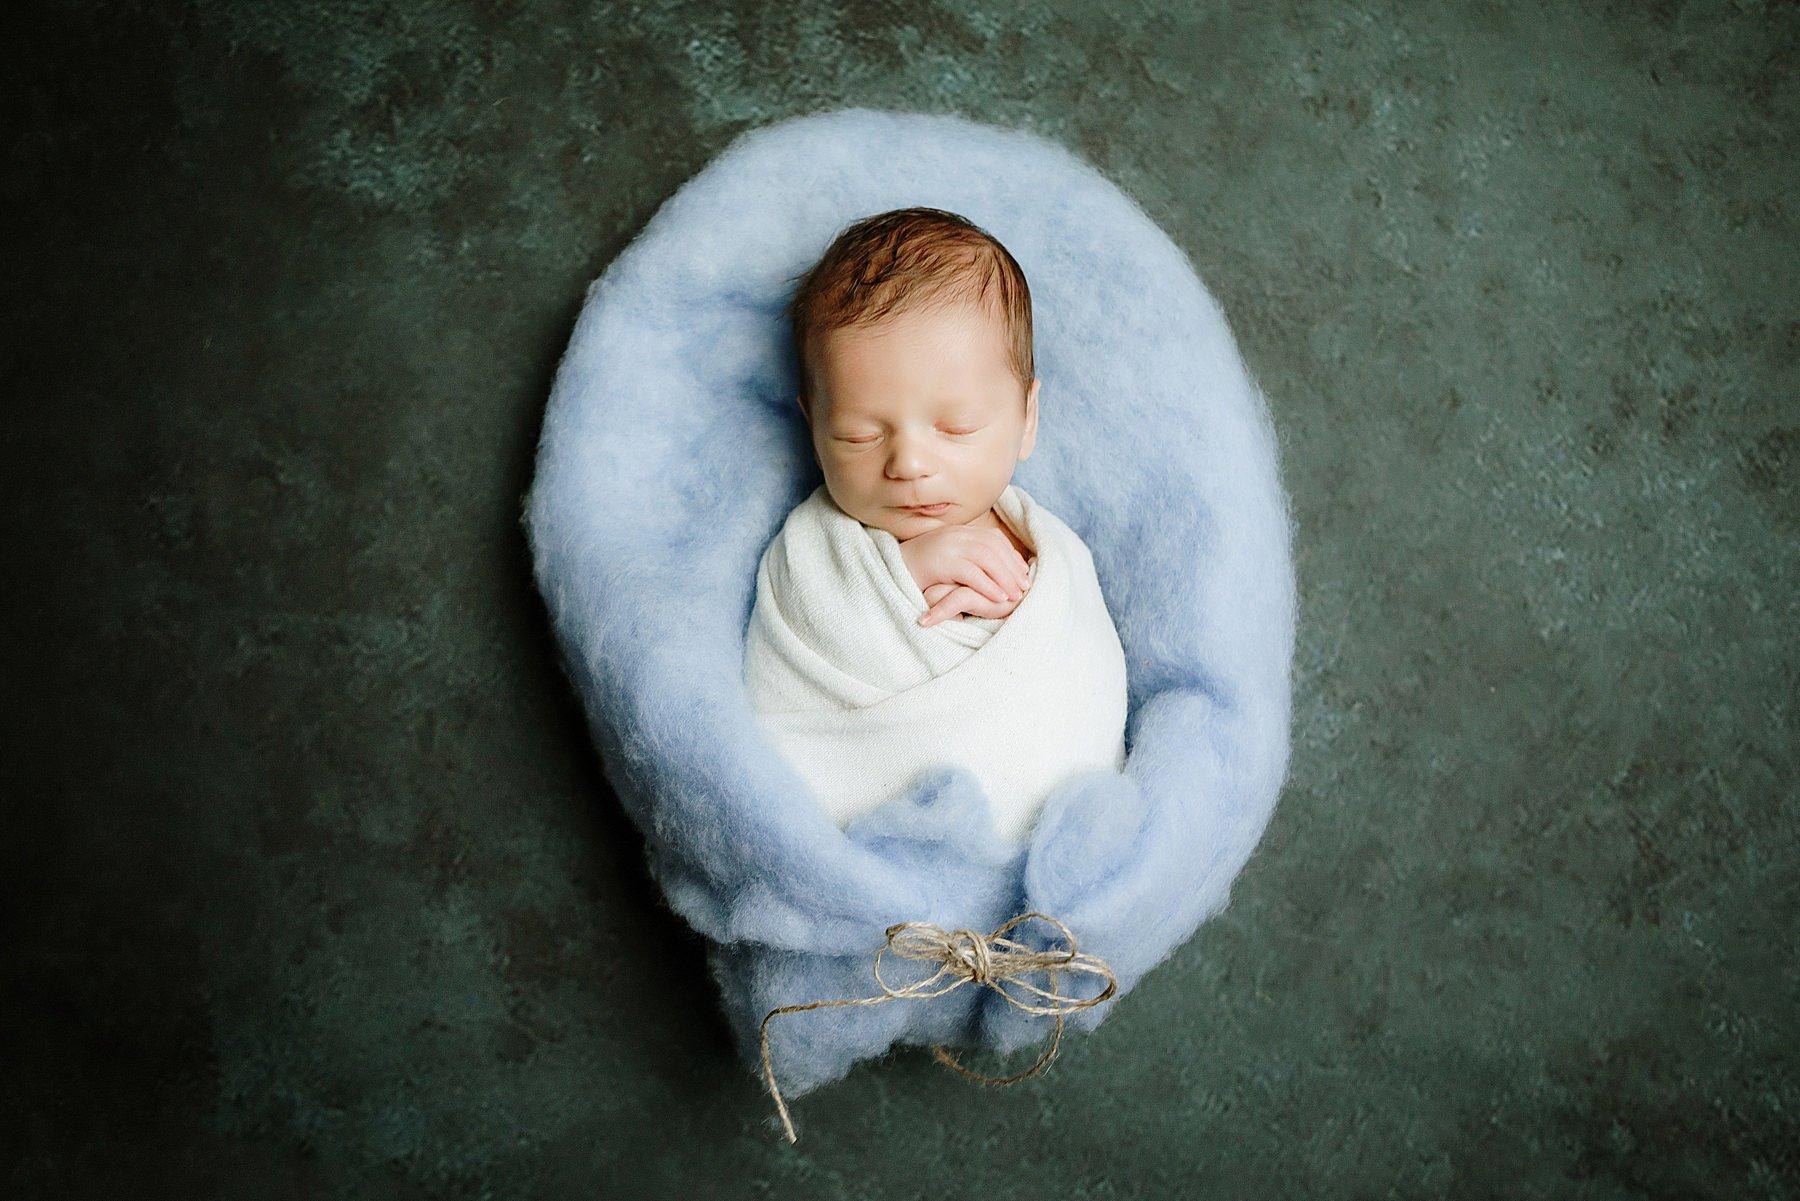 neonato fasciato e fotografato durante una sessione Newborn